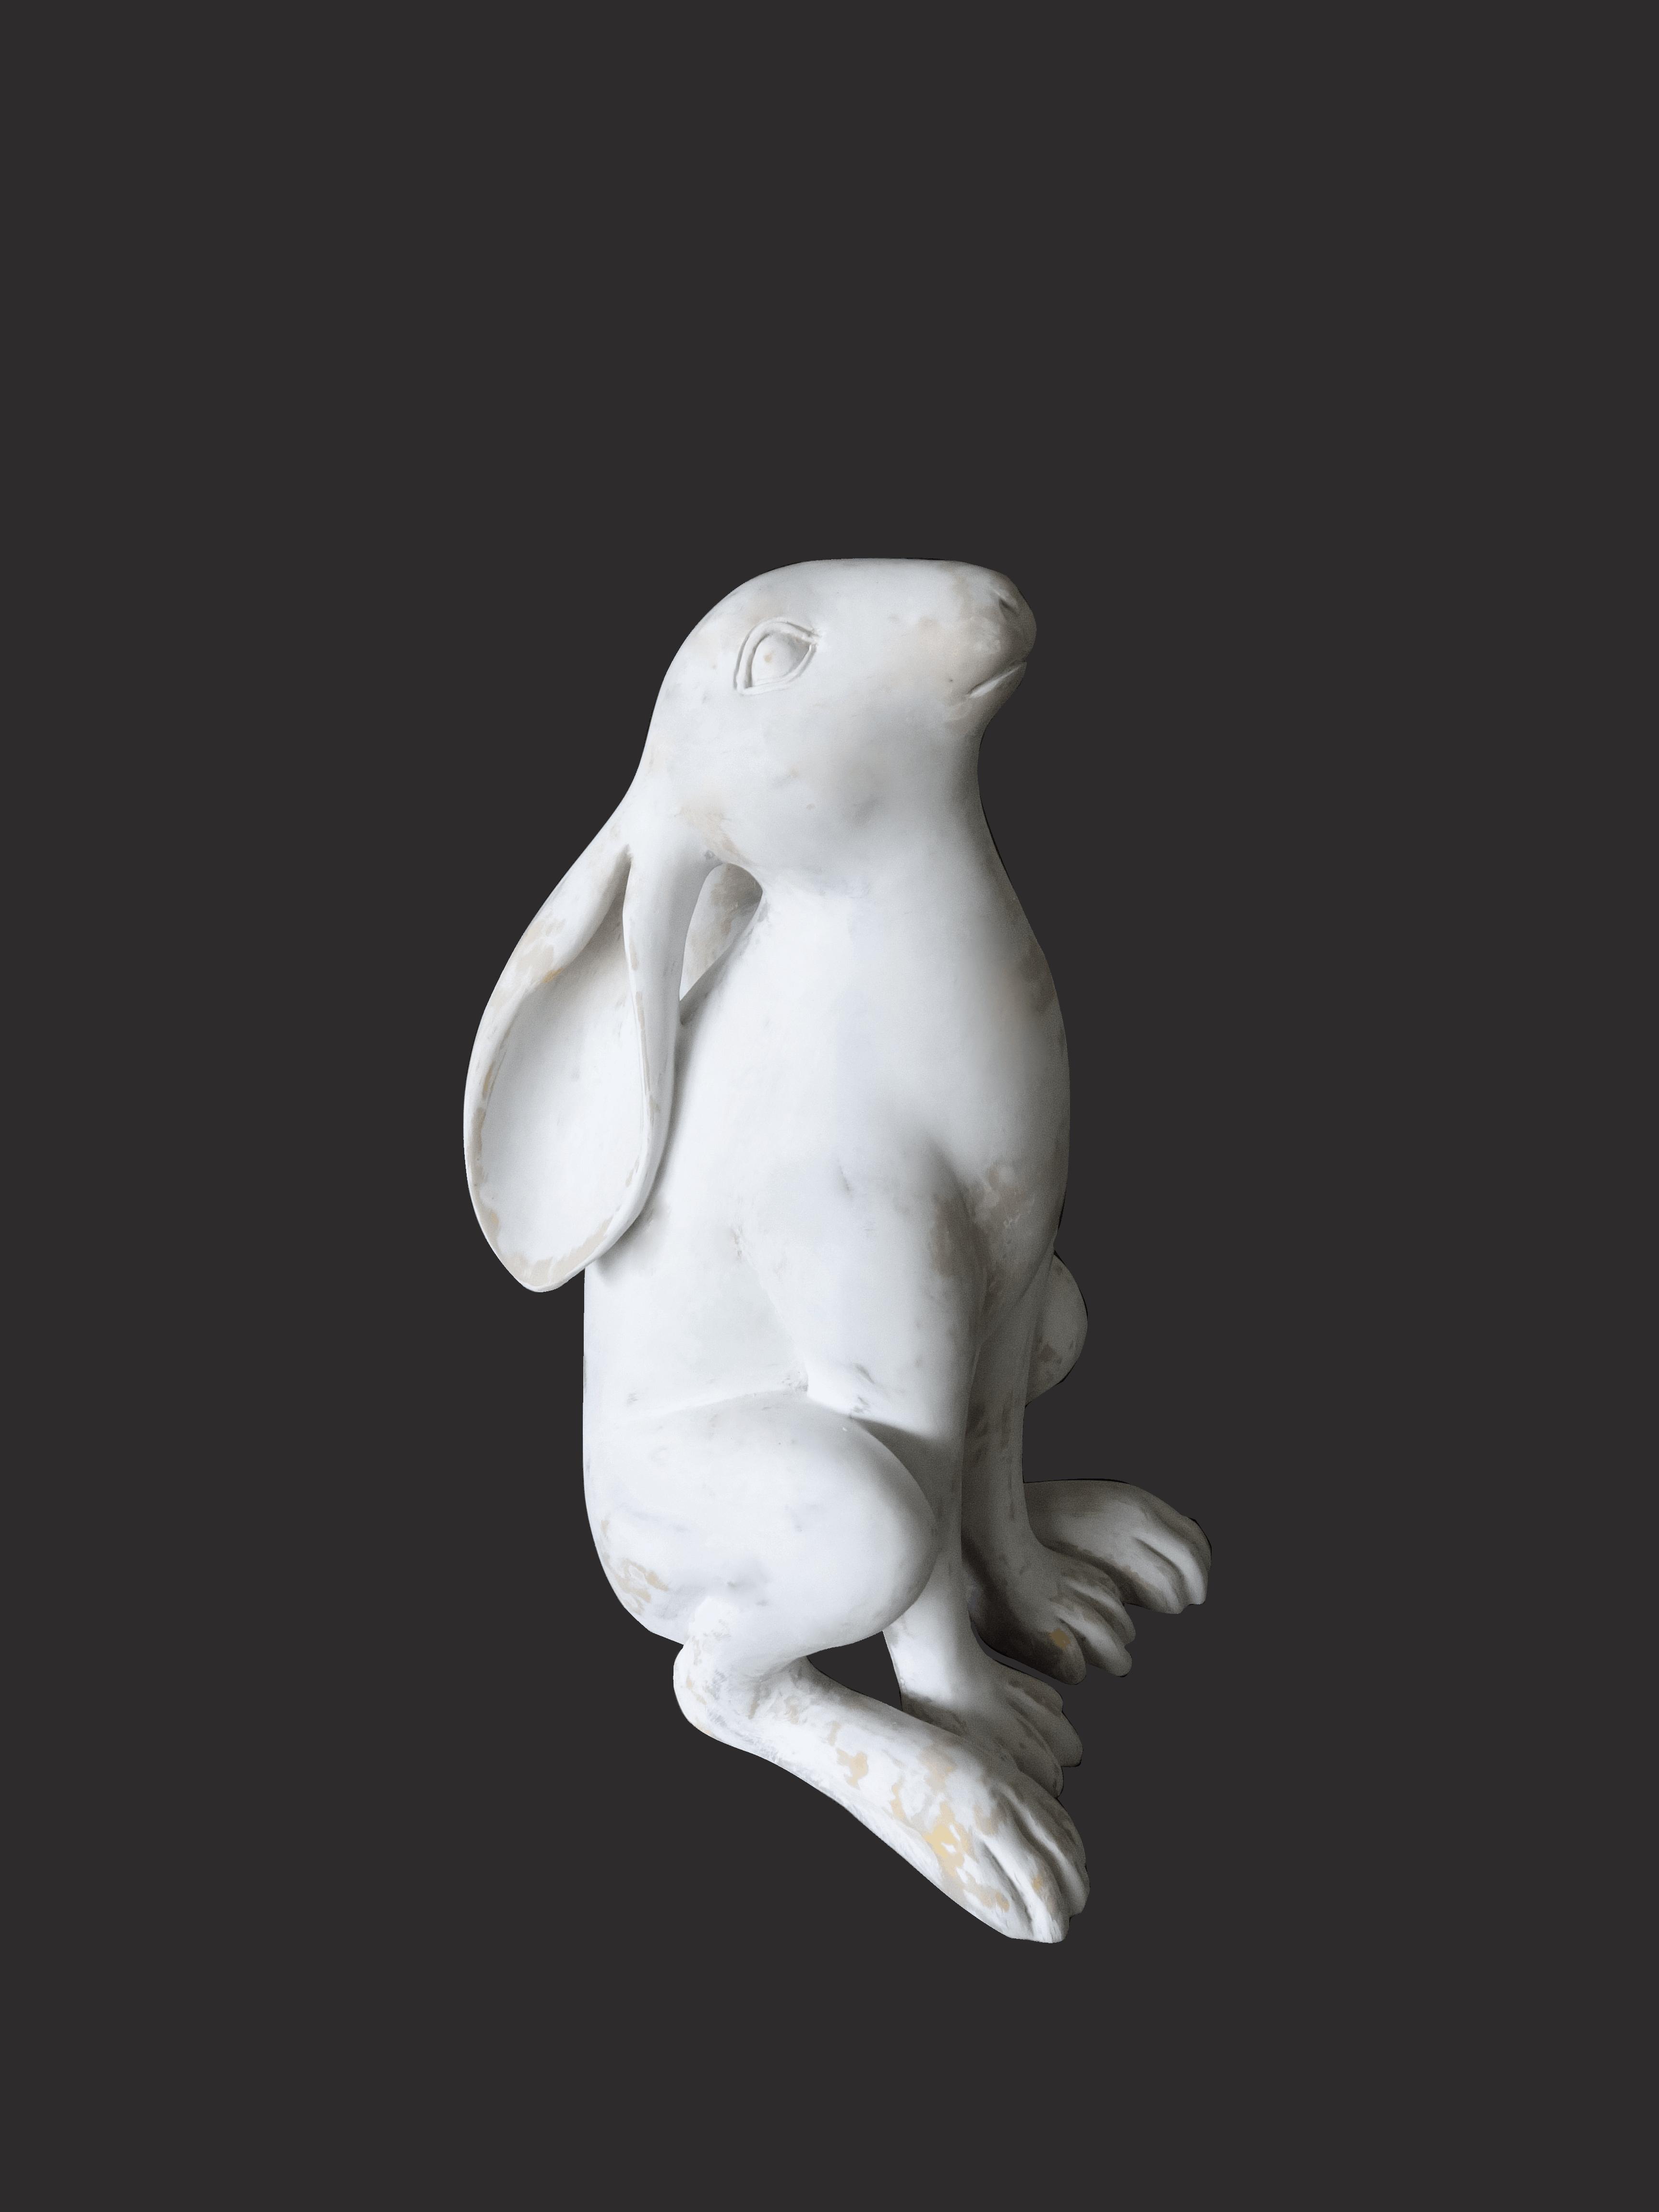 פסל של ארנב לבן